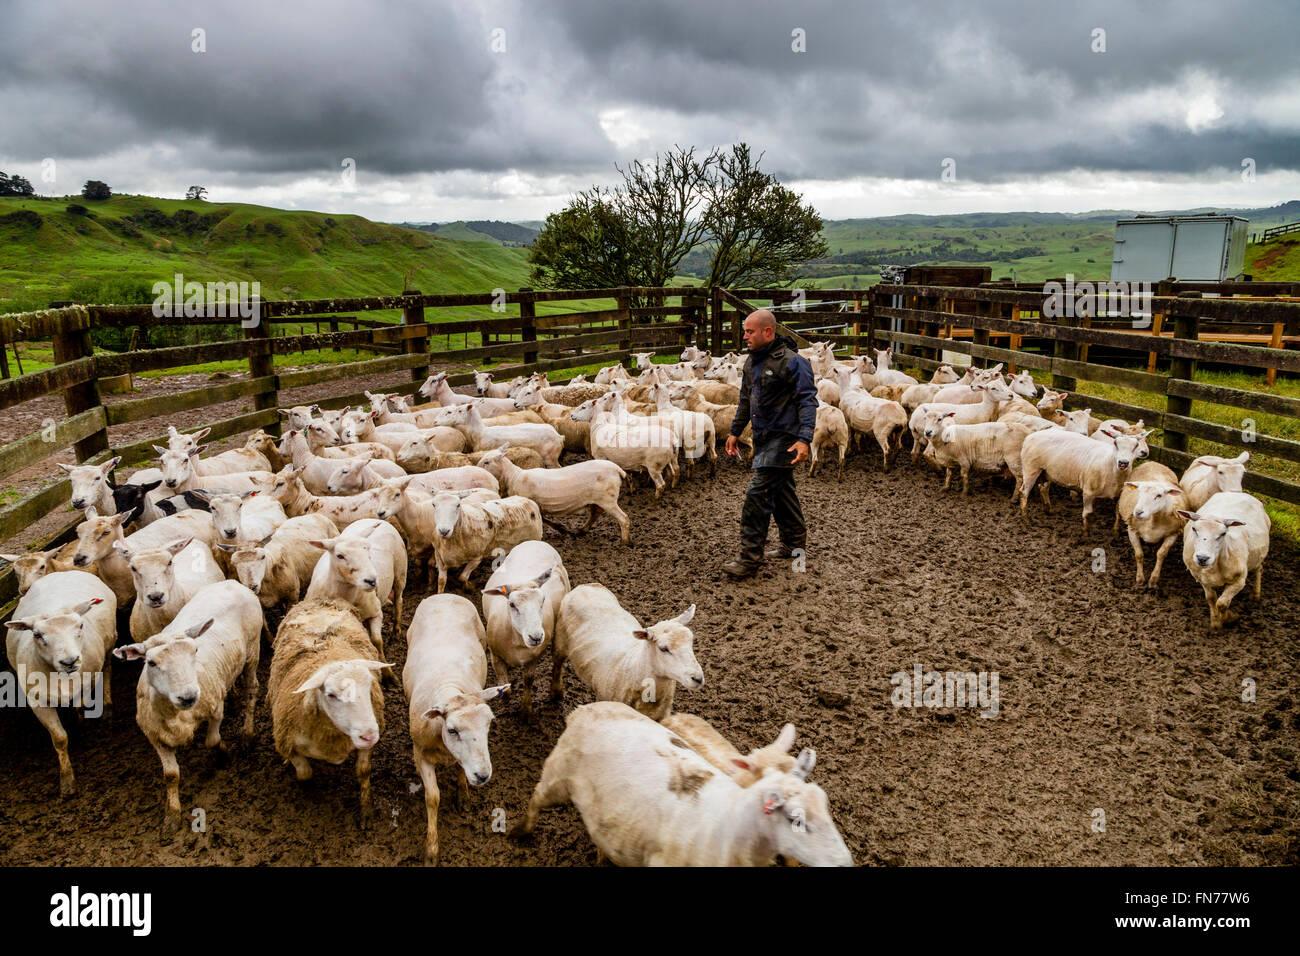 Un Allevatore ovino allevamenti ovini su un camion, allevamento di pecore, pukekohe, Nuova Zelanda Immagini Stock